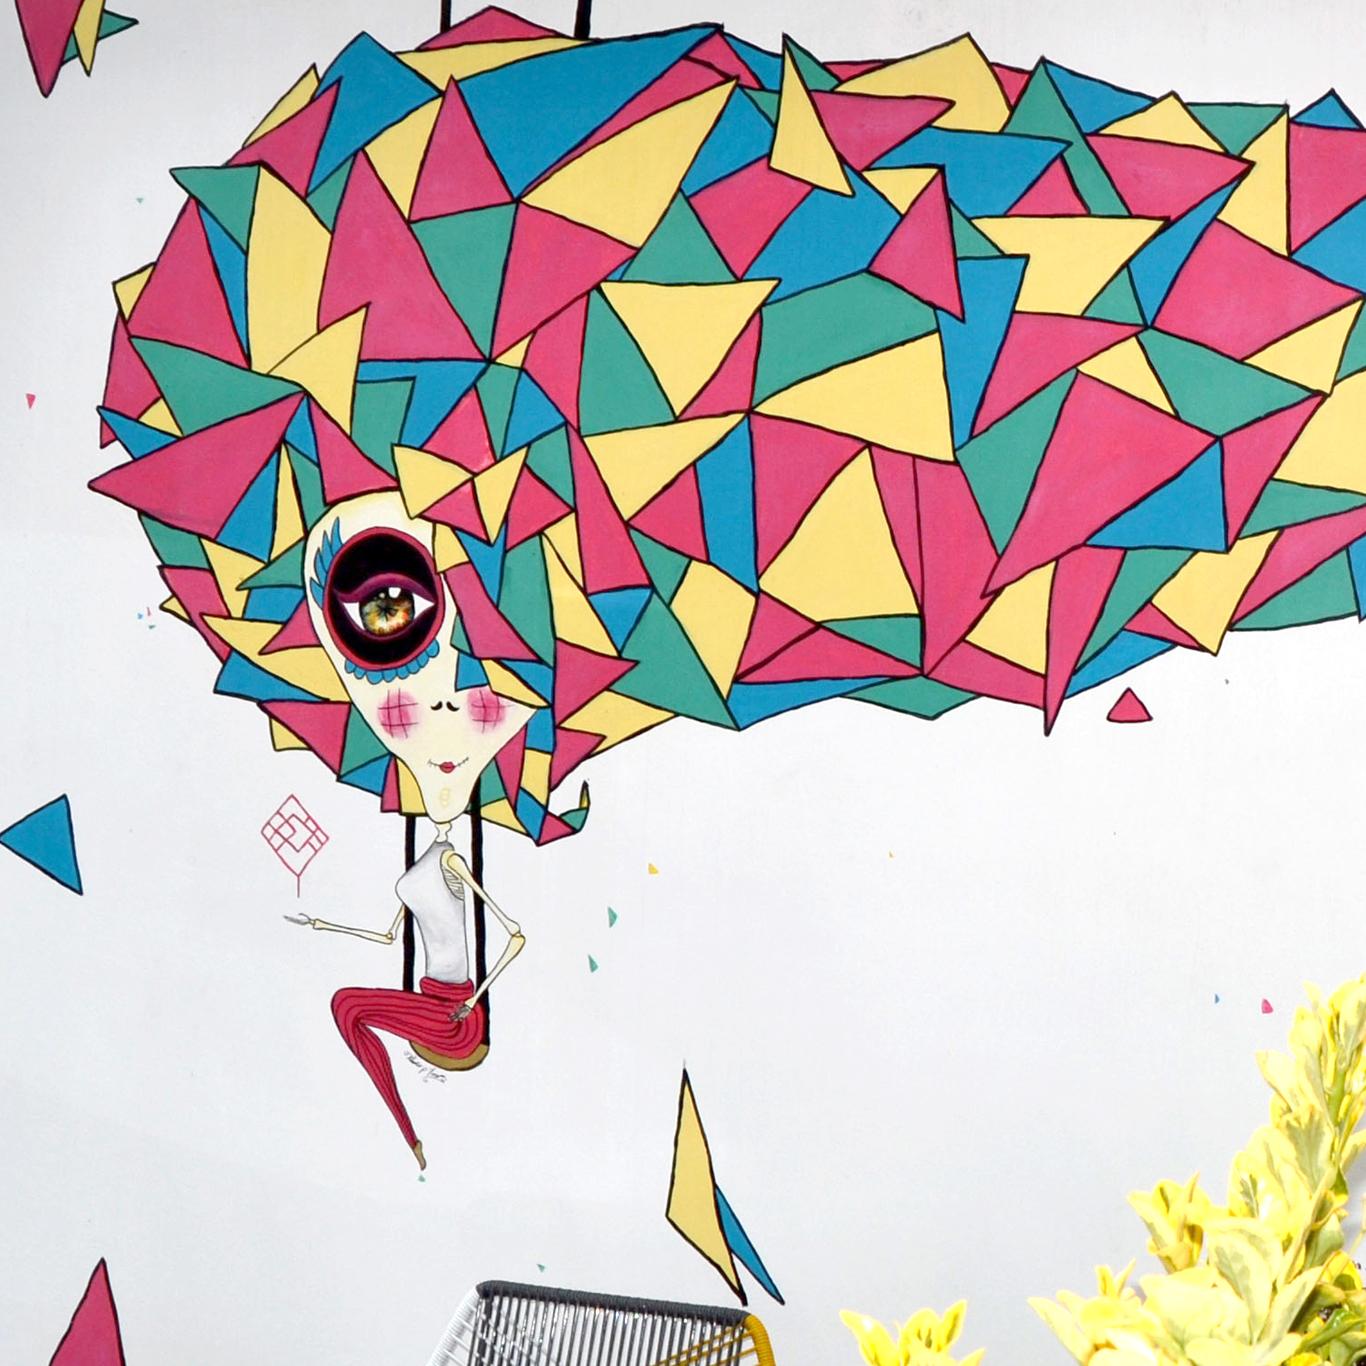 Murales y Arte urbano   Si tienes una pared blanca y quieres llenarla de vida y alegría, no dudes en contactarme ¡estaré encantada de llenarla de color!   Ver más..